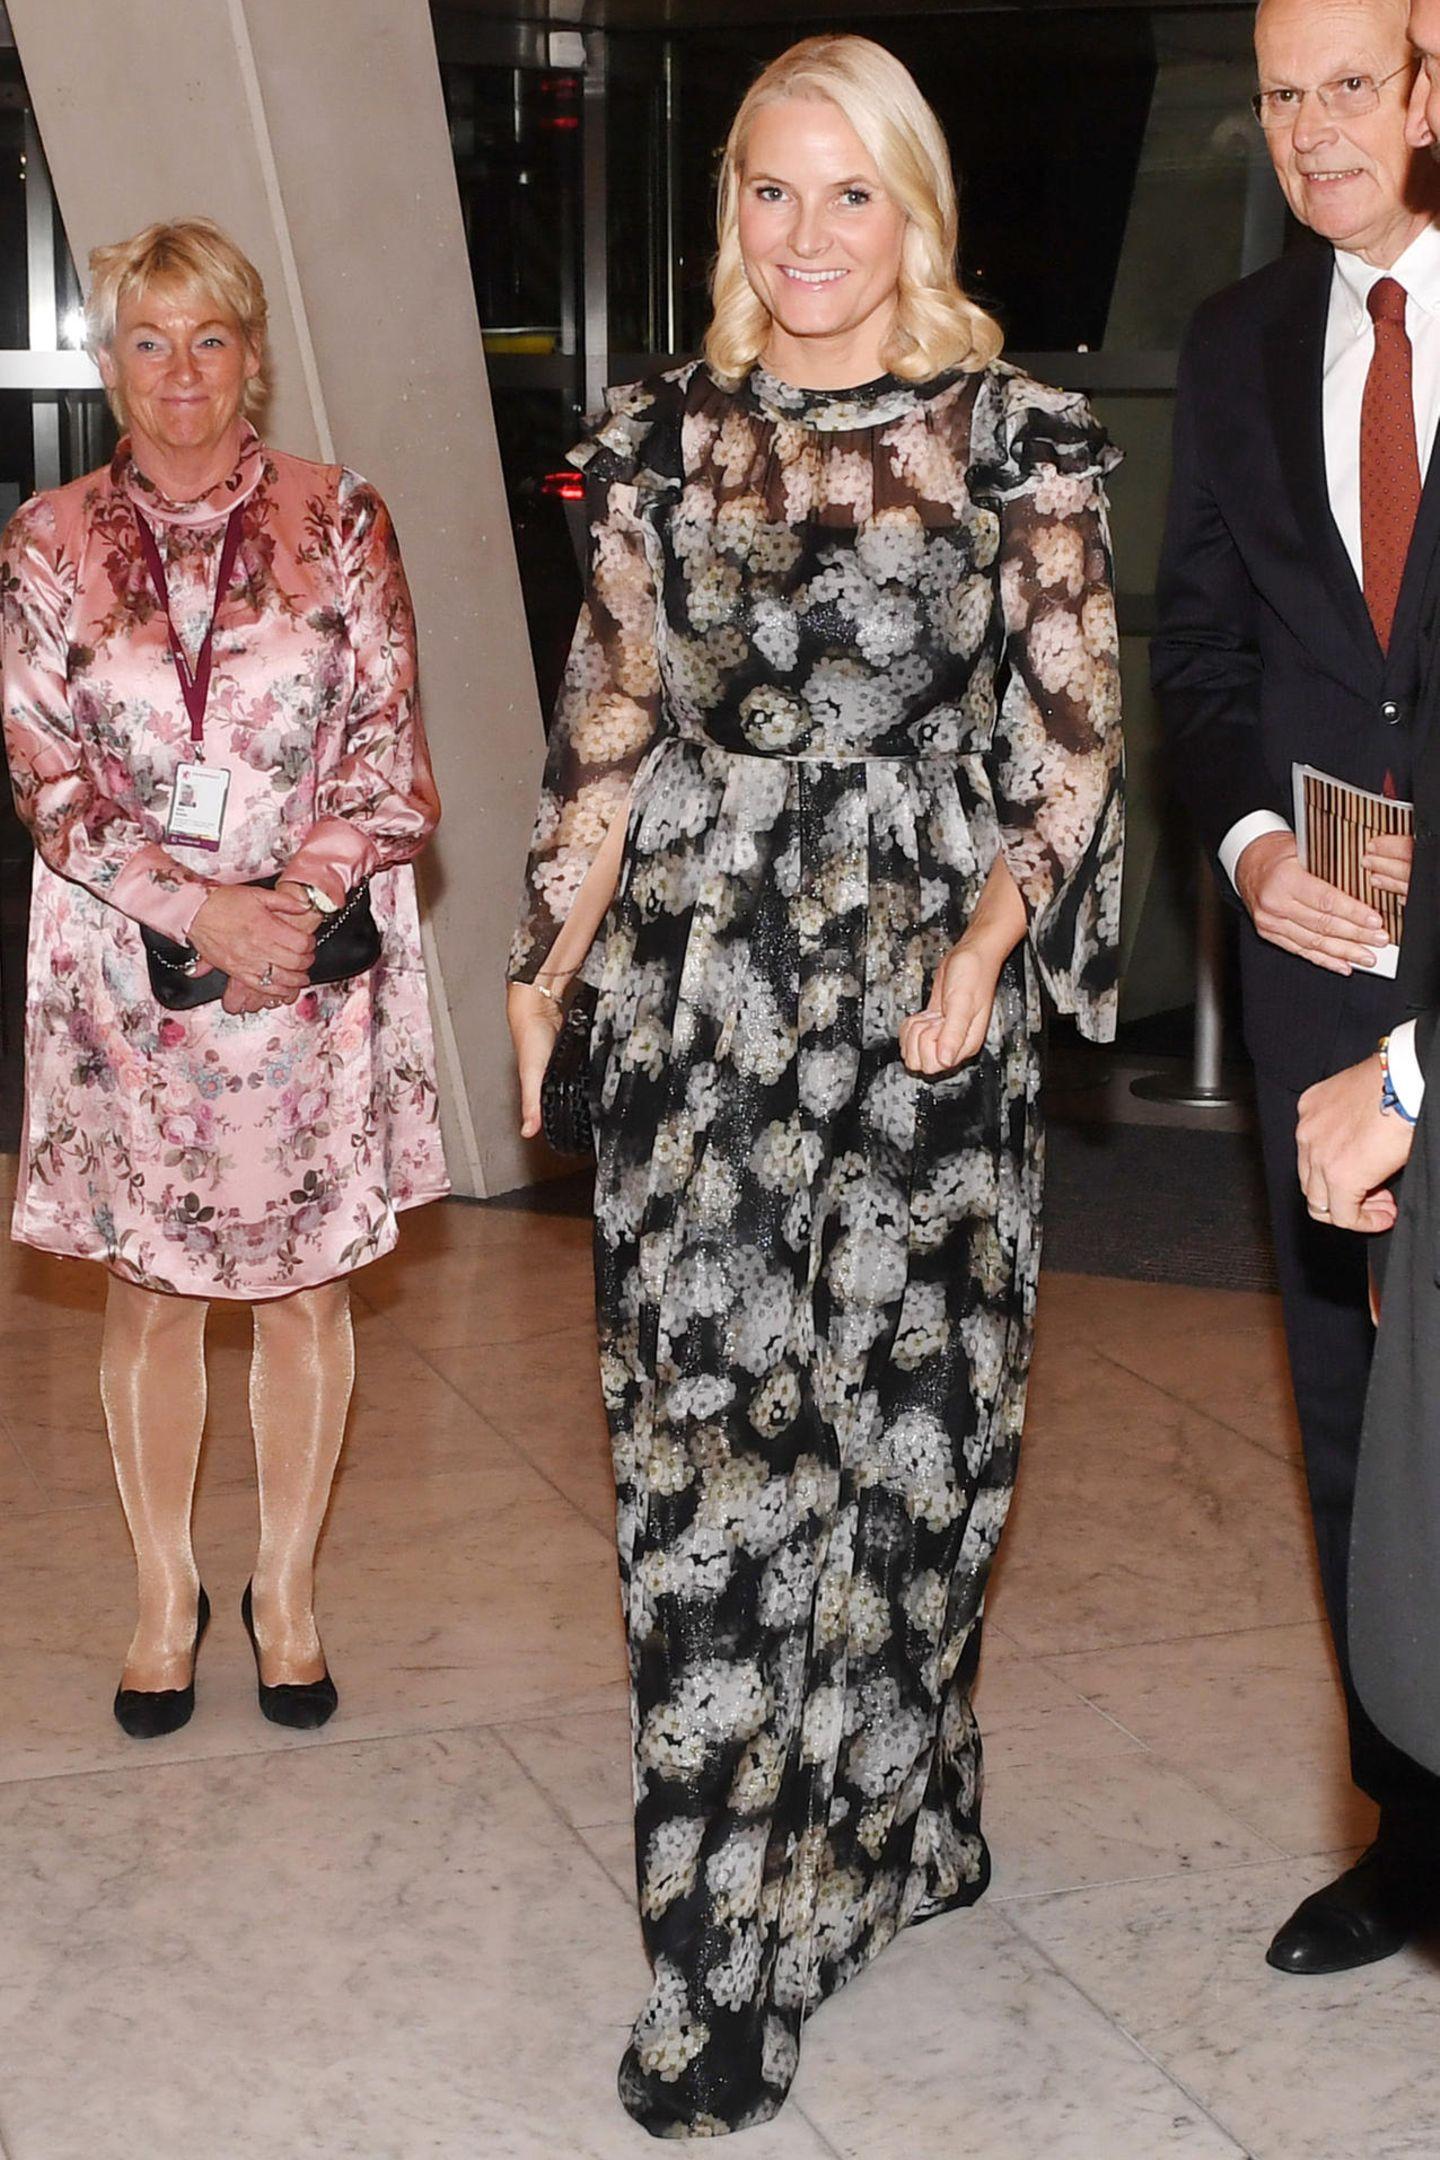 Mette-Marit trägt ein bodenlanges Abendkleid in schwarz-weiß des Labels Ole Yde. Das Kleid besticht mit seinem feinen, eleganten Stoff, einem hübschen Blumenmuster und verspielten Details.